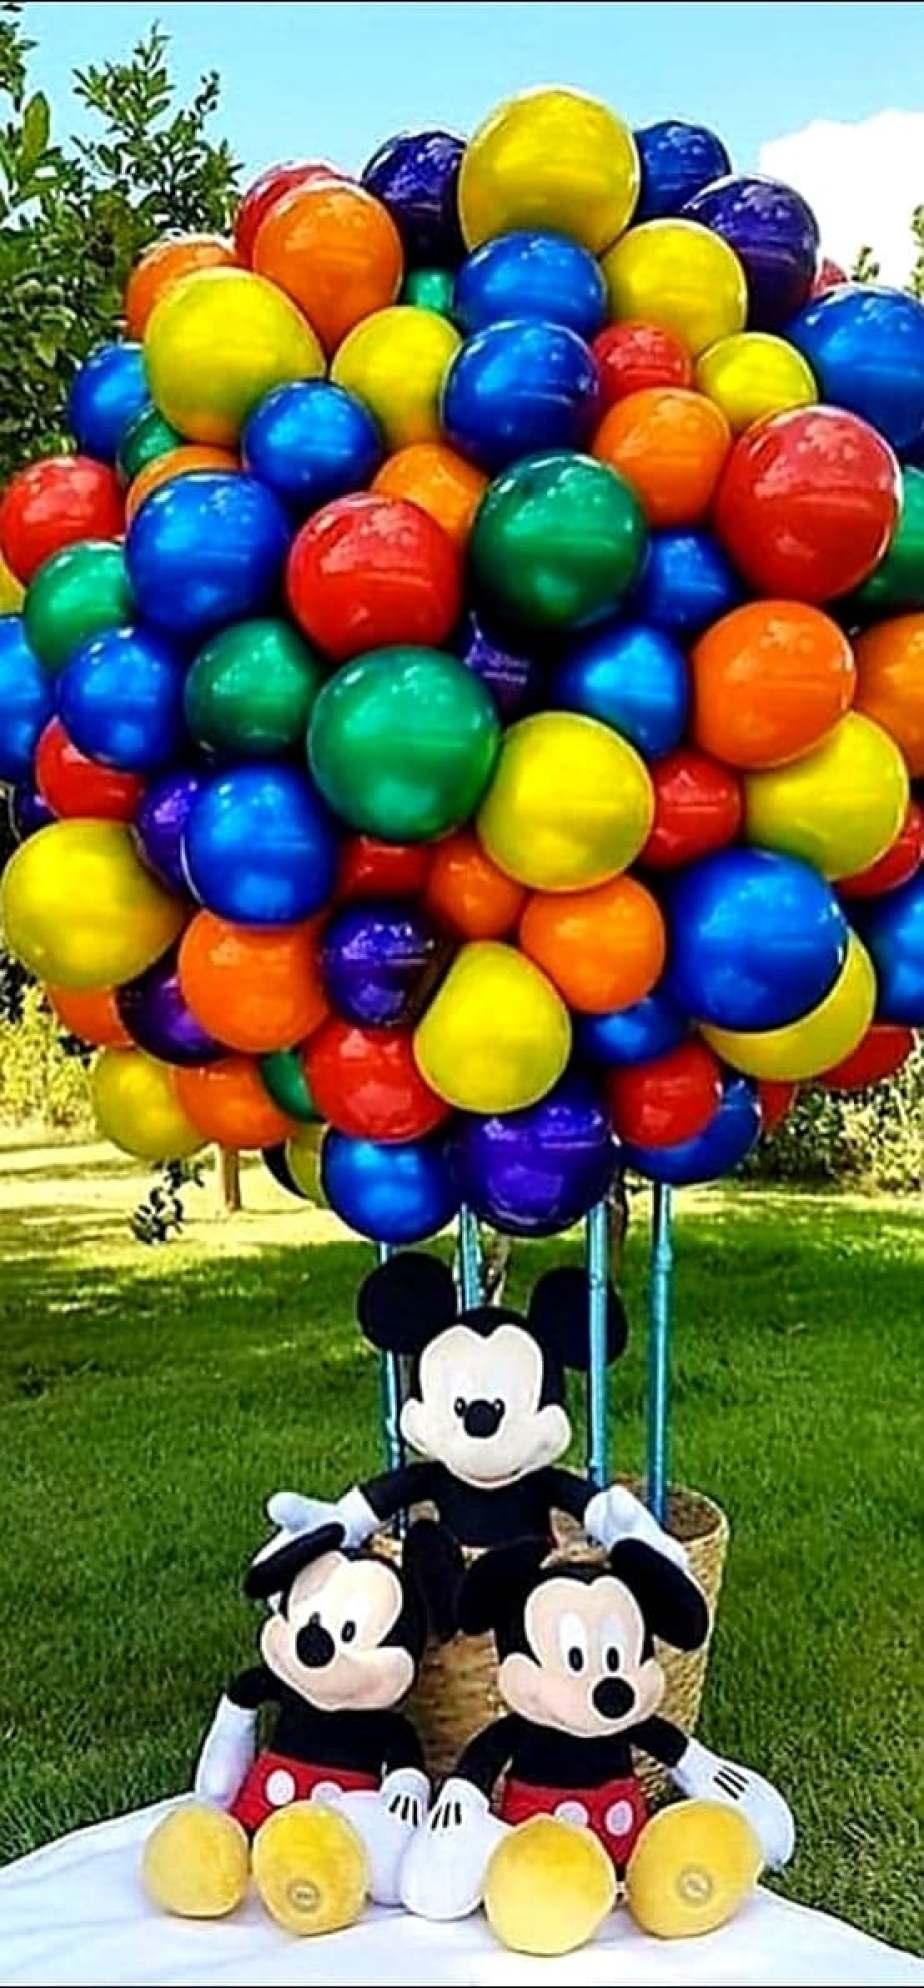 Azores ballon sao miguel festa